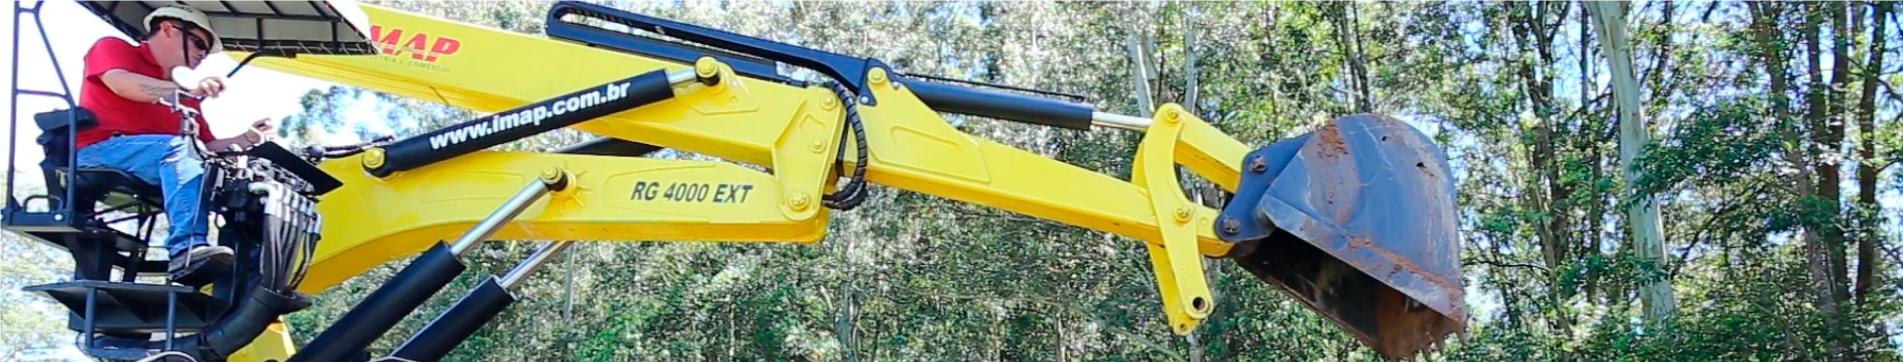 Slide-7